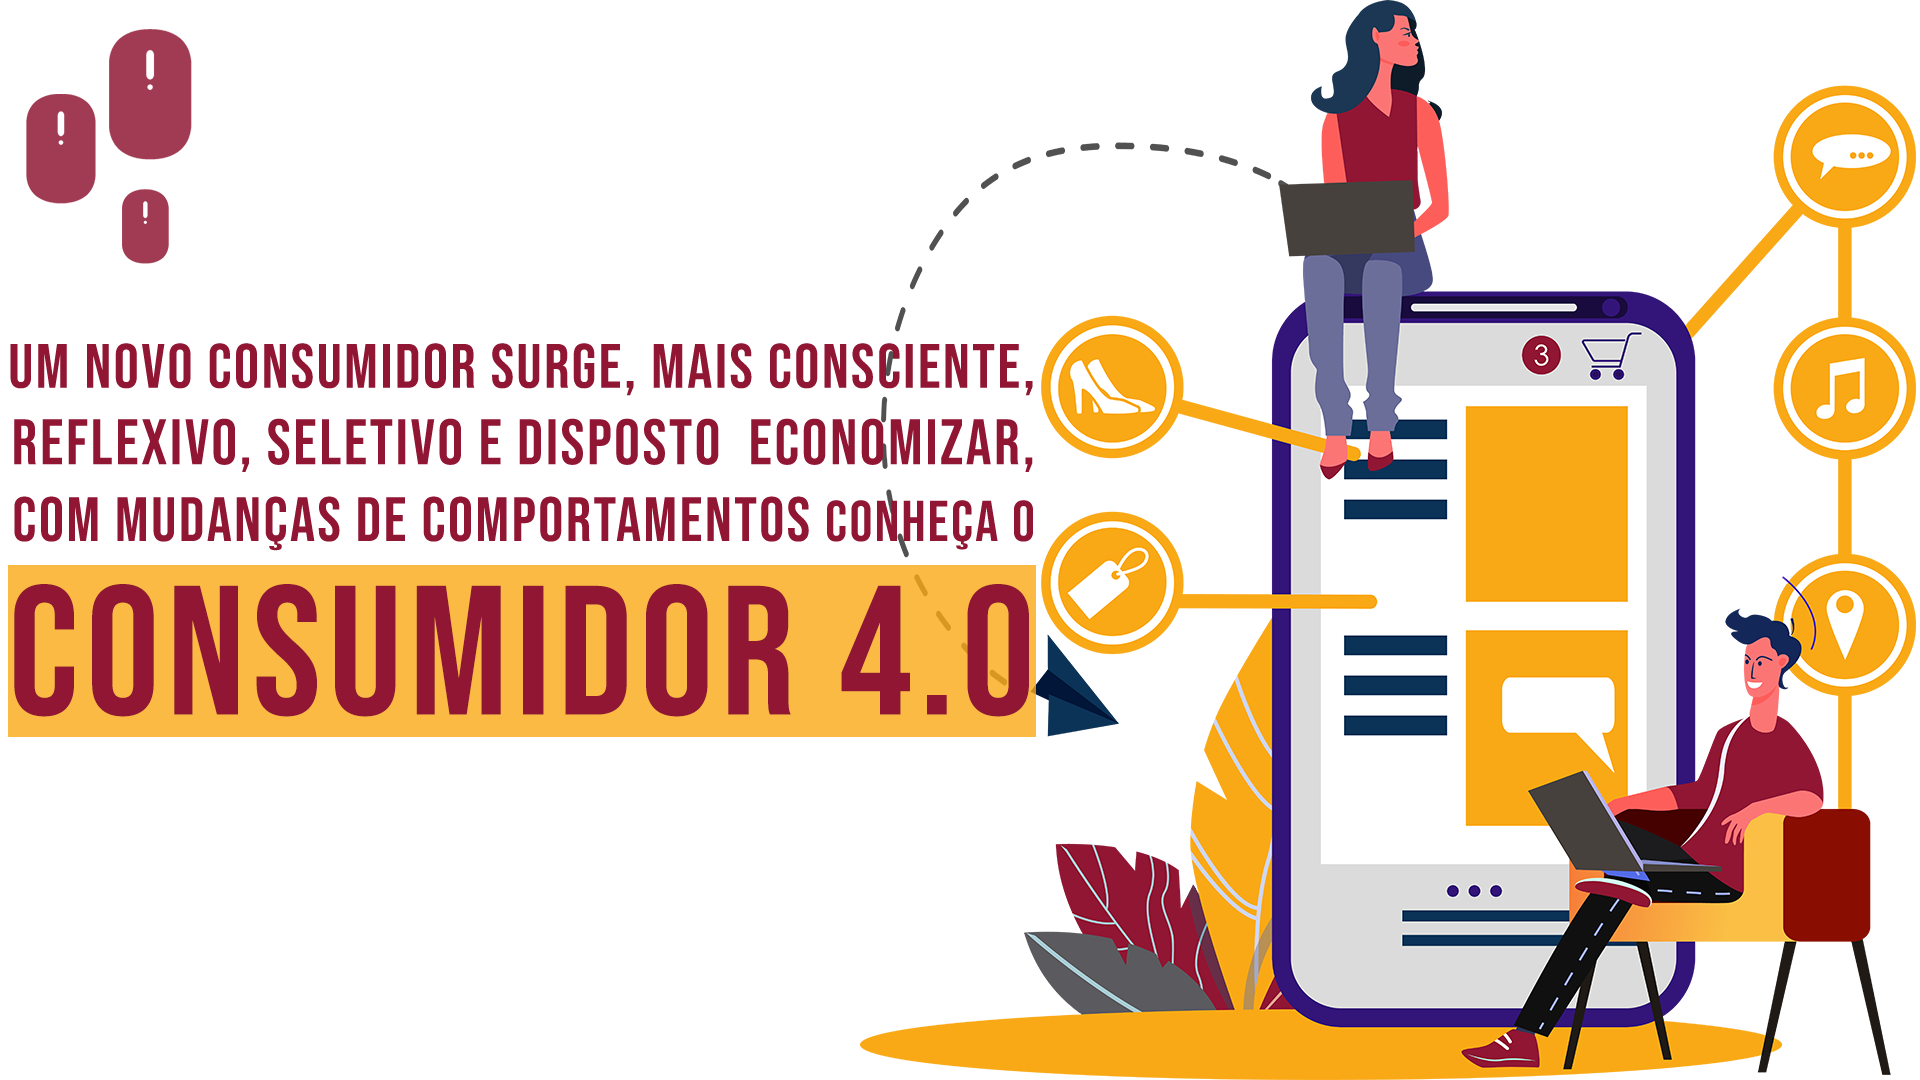 Além disso, o perfil do consumidor 4.0 é mais consciente, reflexivo, seletivo e disposto a economizar.